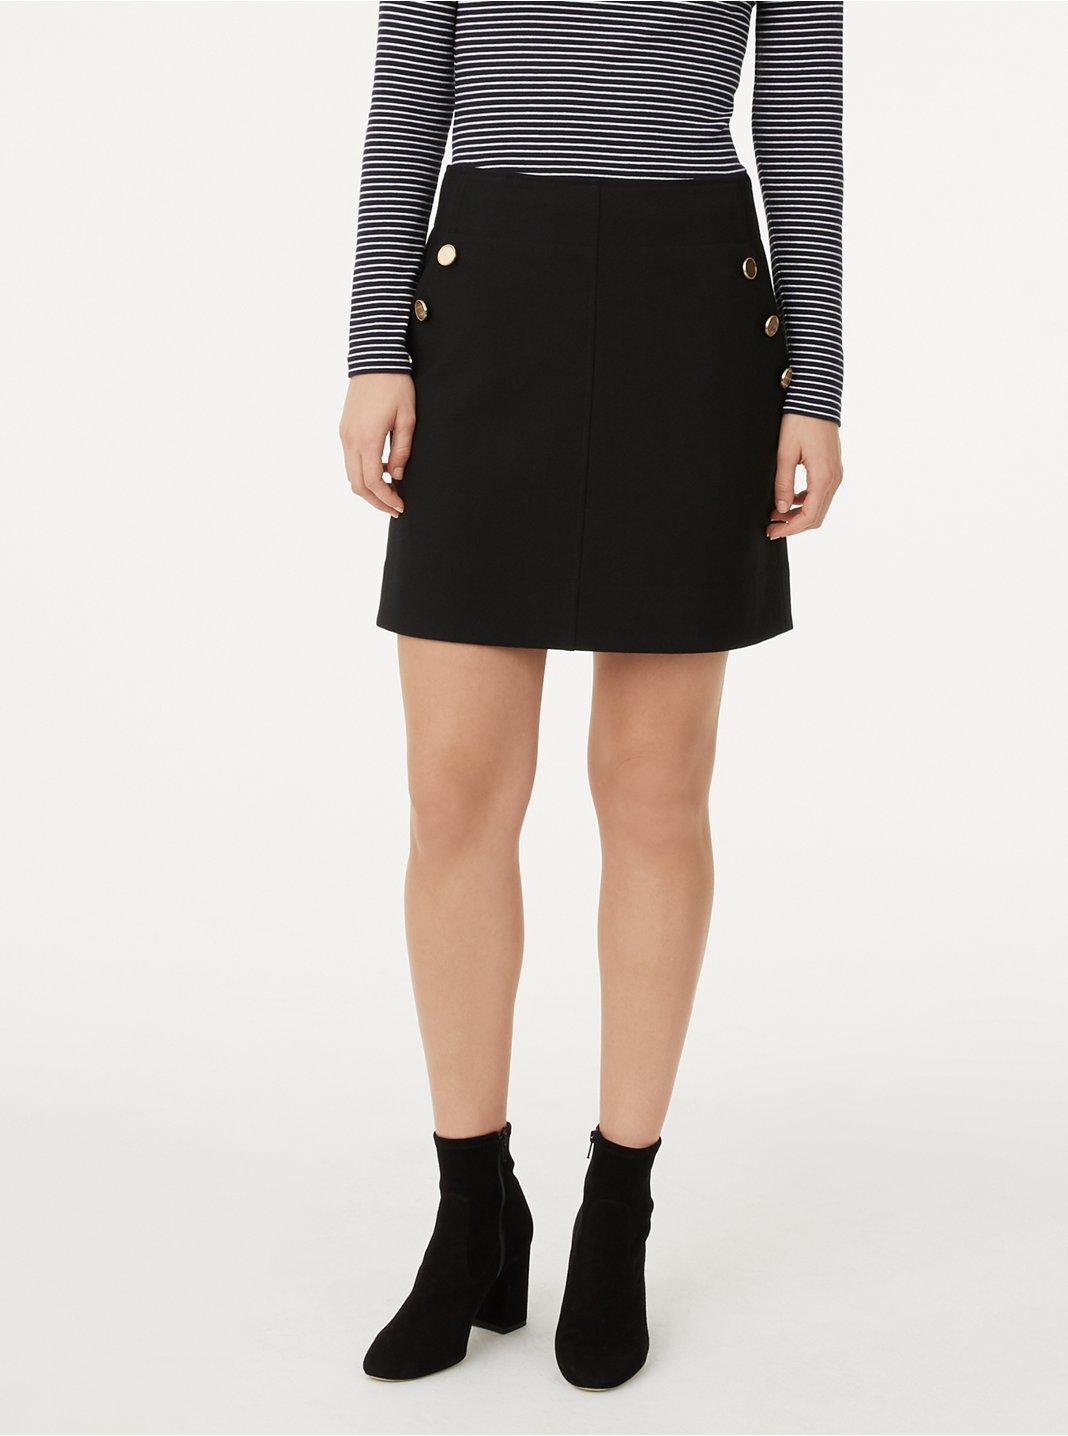 Paulyna Skirt